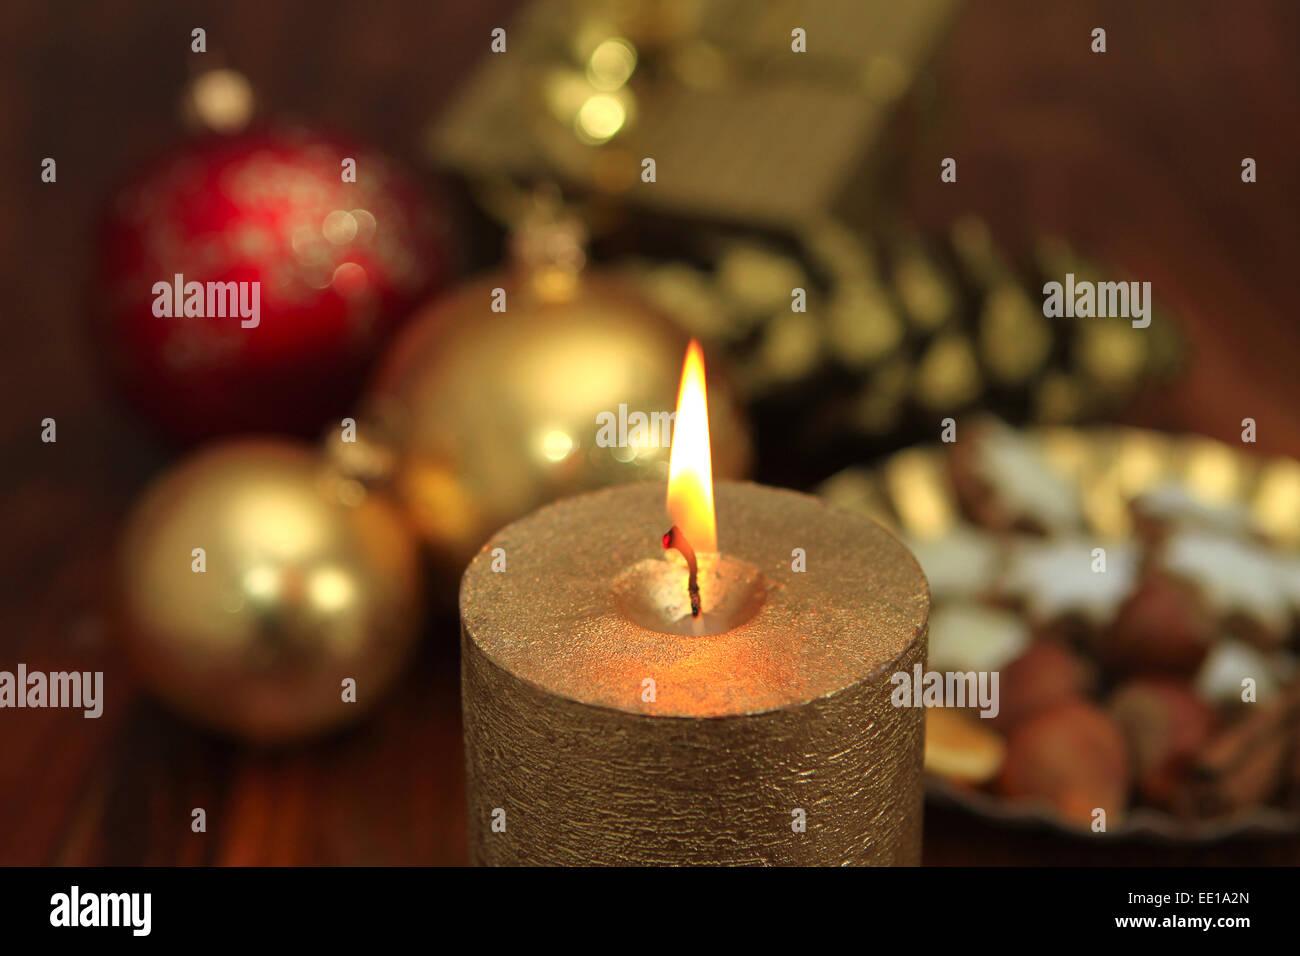 weihnachtsstimmung kerzenlicht stockfoto bild 77476525. Black Bedroom Furniture Sets. Home Design Ideas